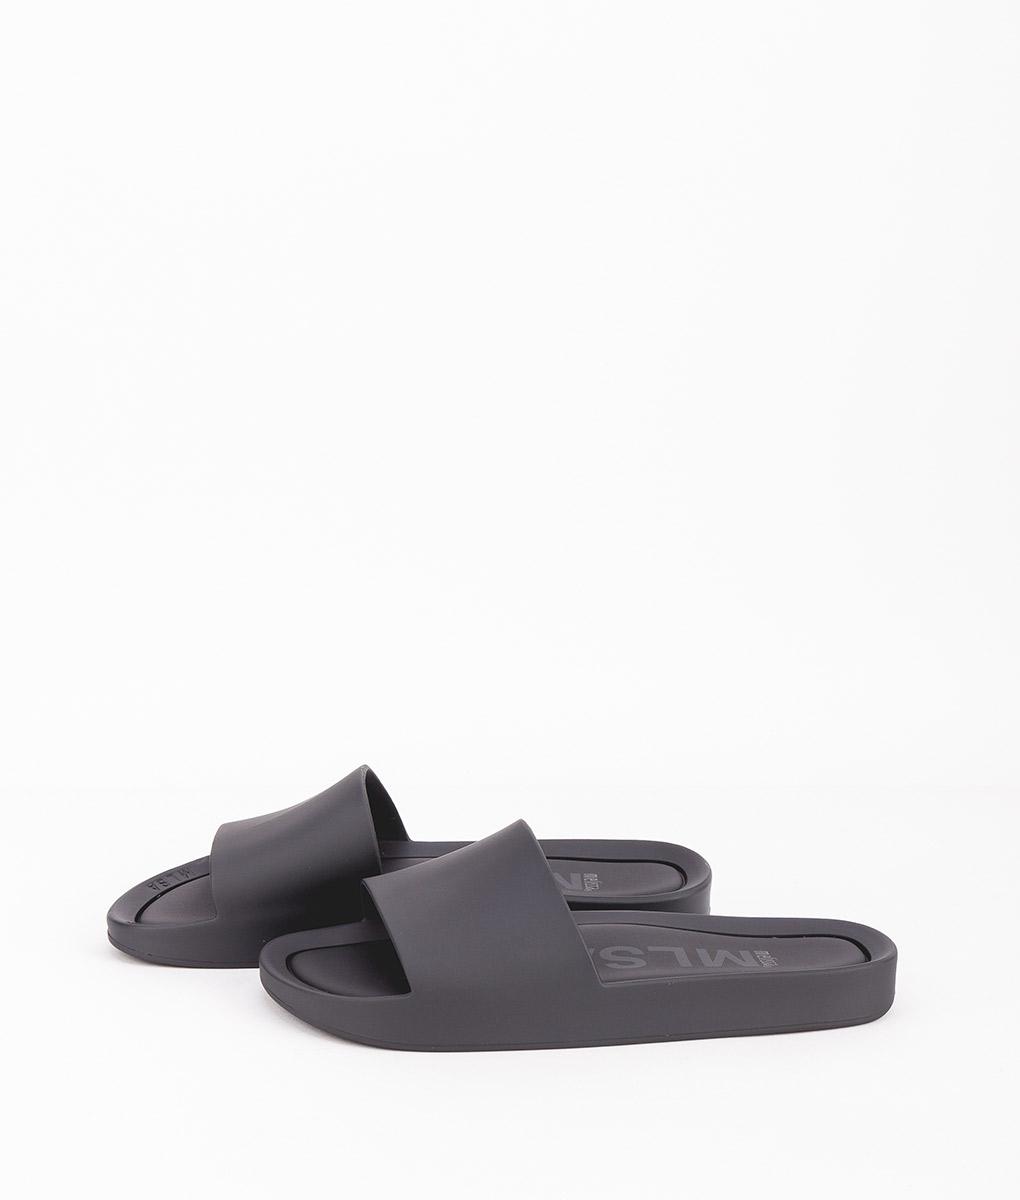 MELISSA Women Flip Flops 31754 BEACH SIDE, Black 62.99